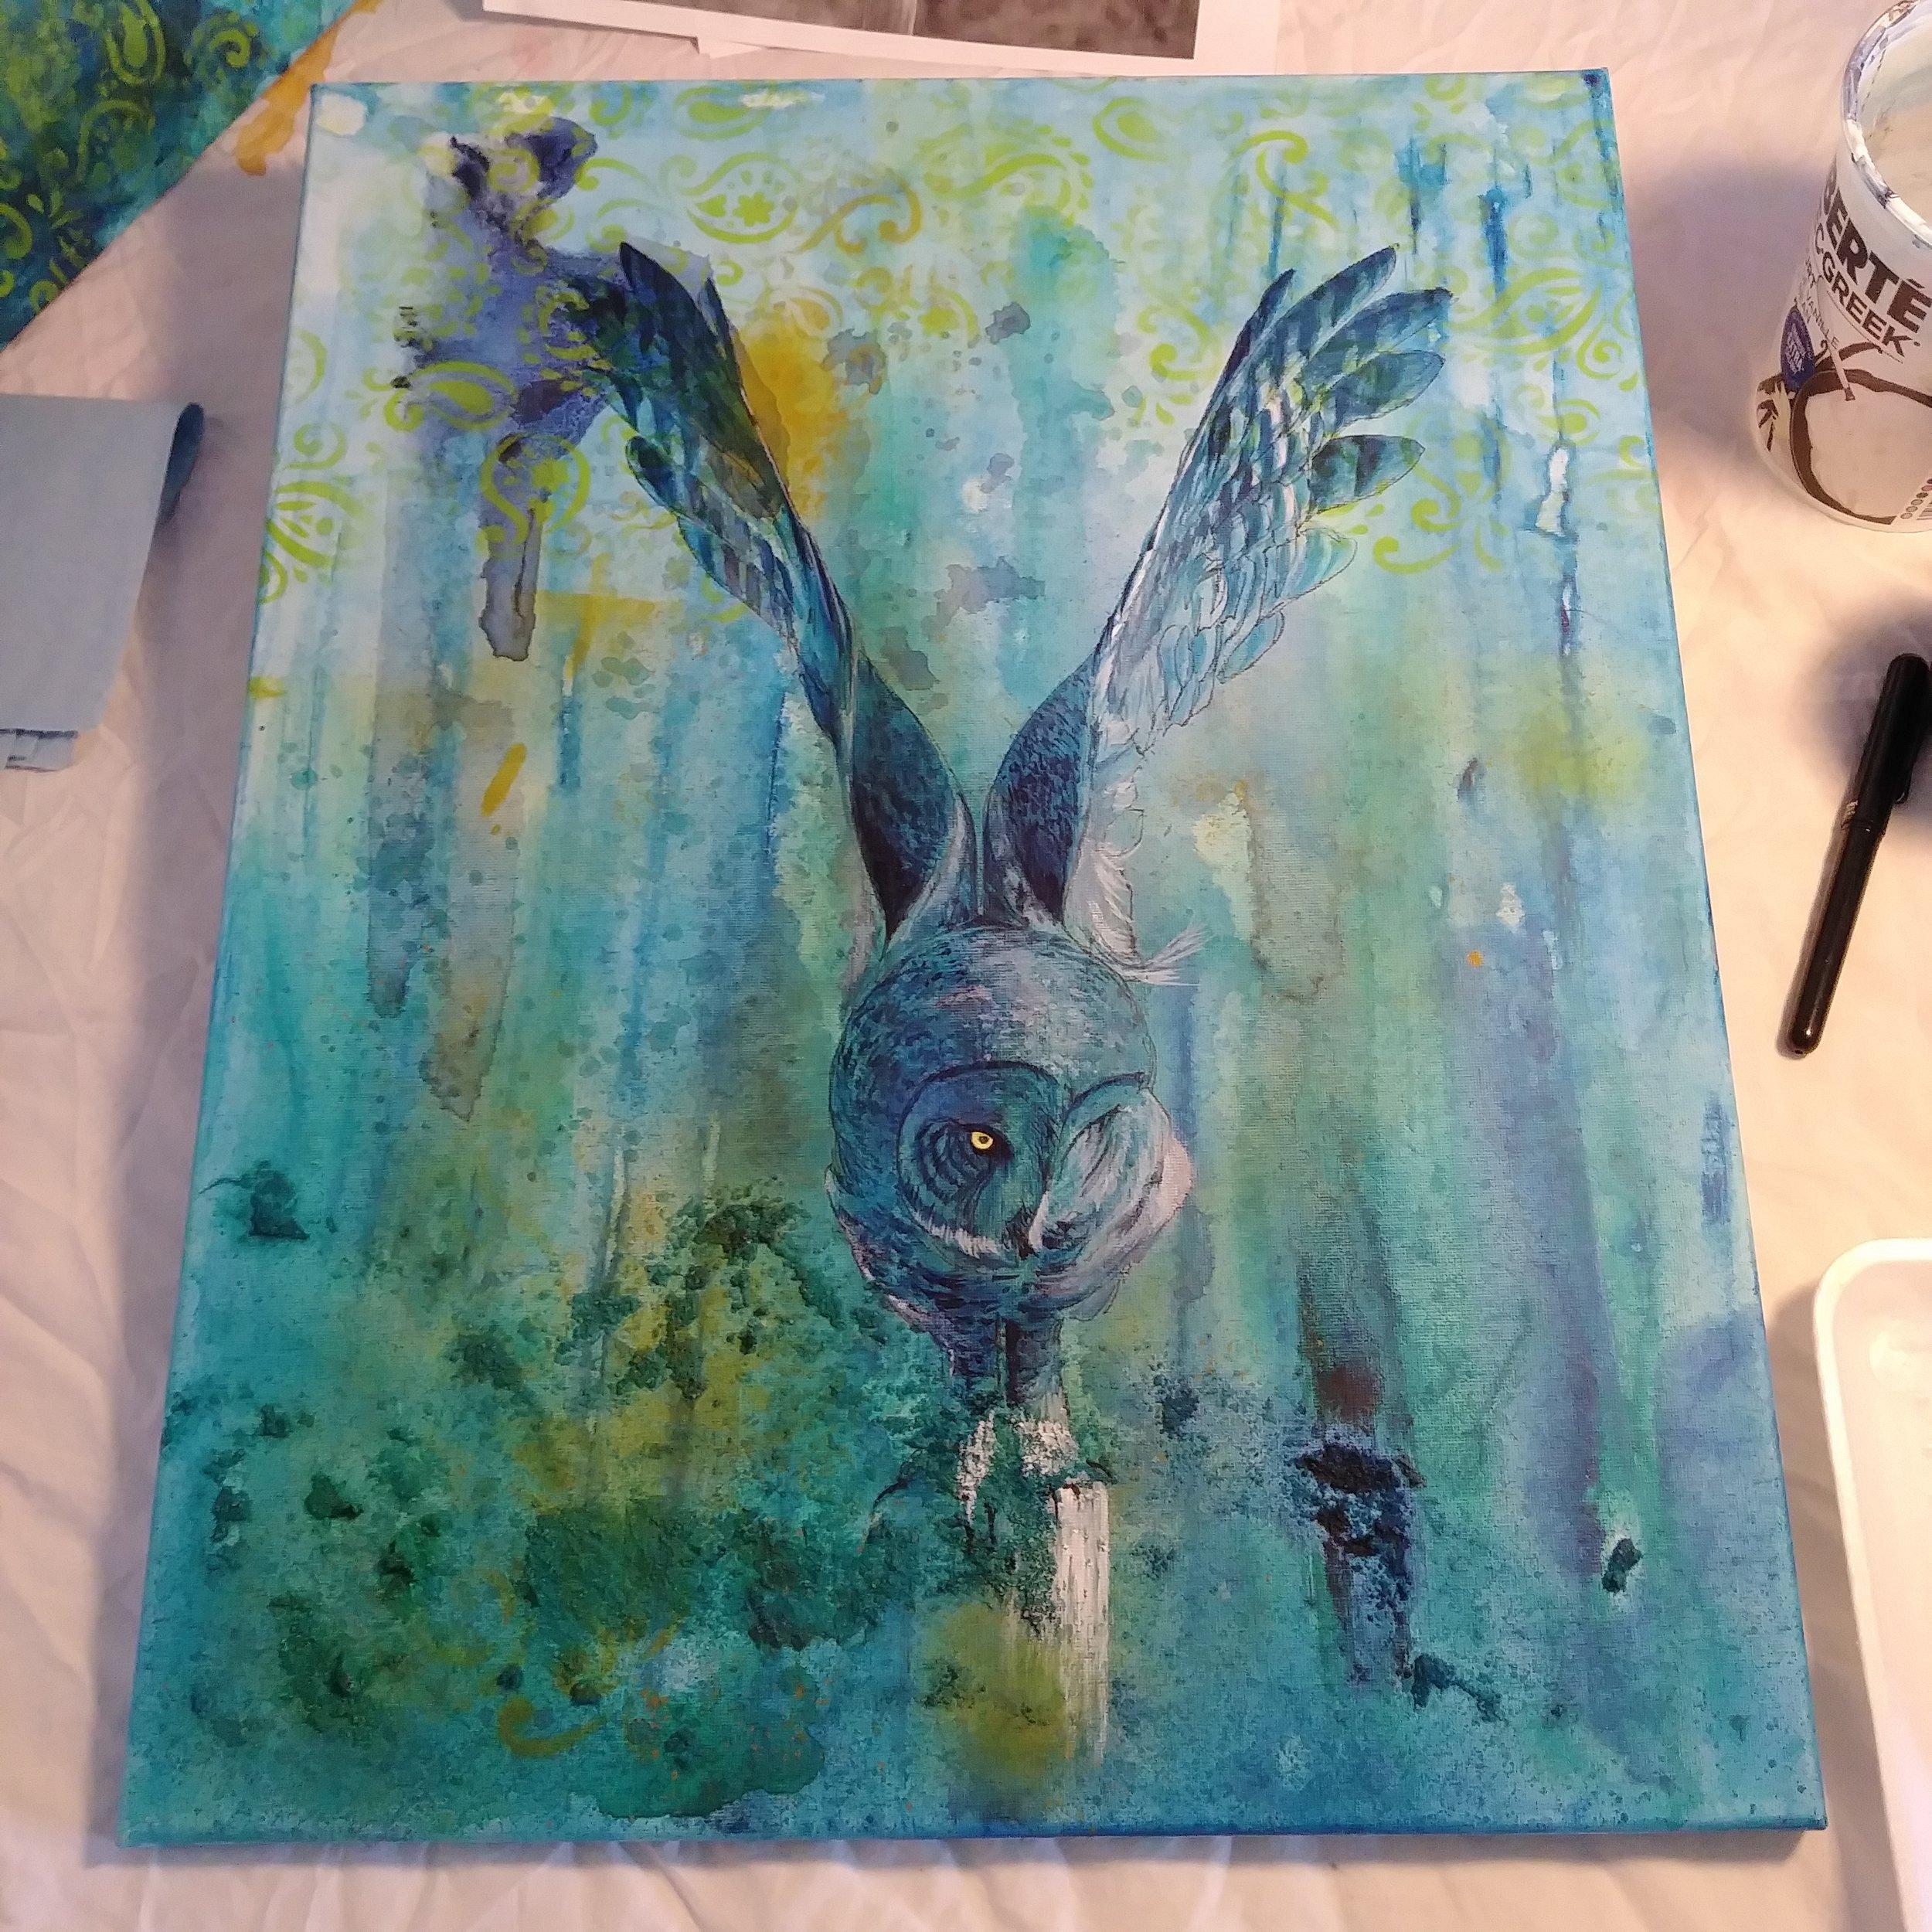 0912 grey owl wip elisa friesen 2018.jpg